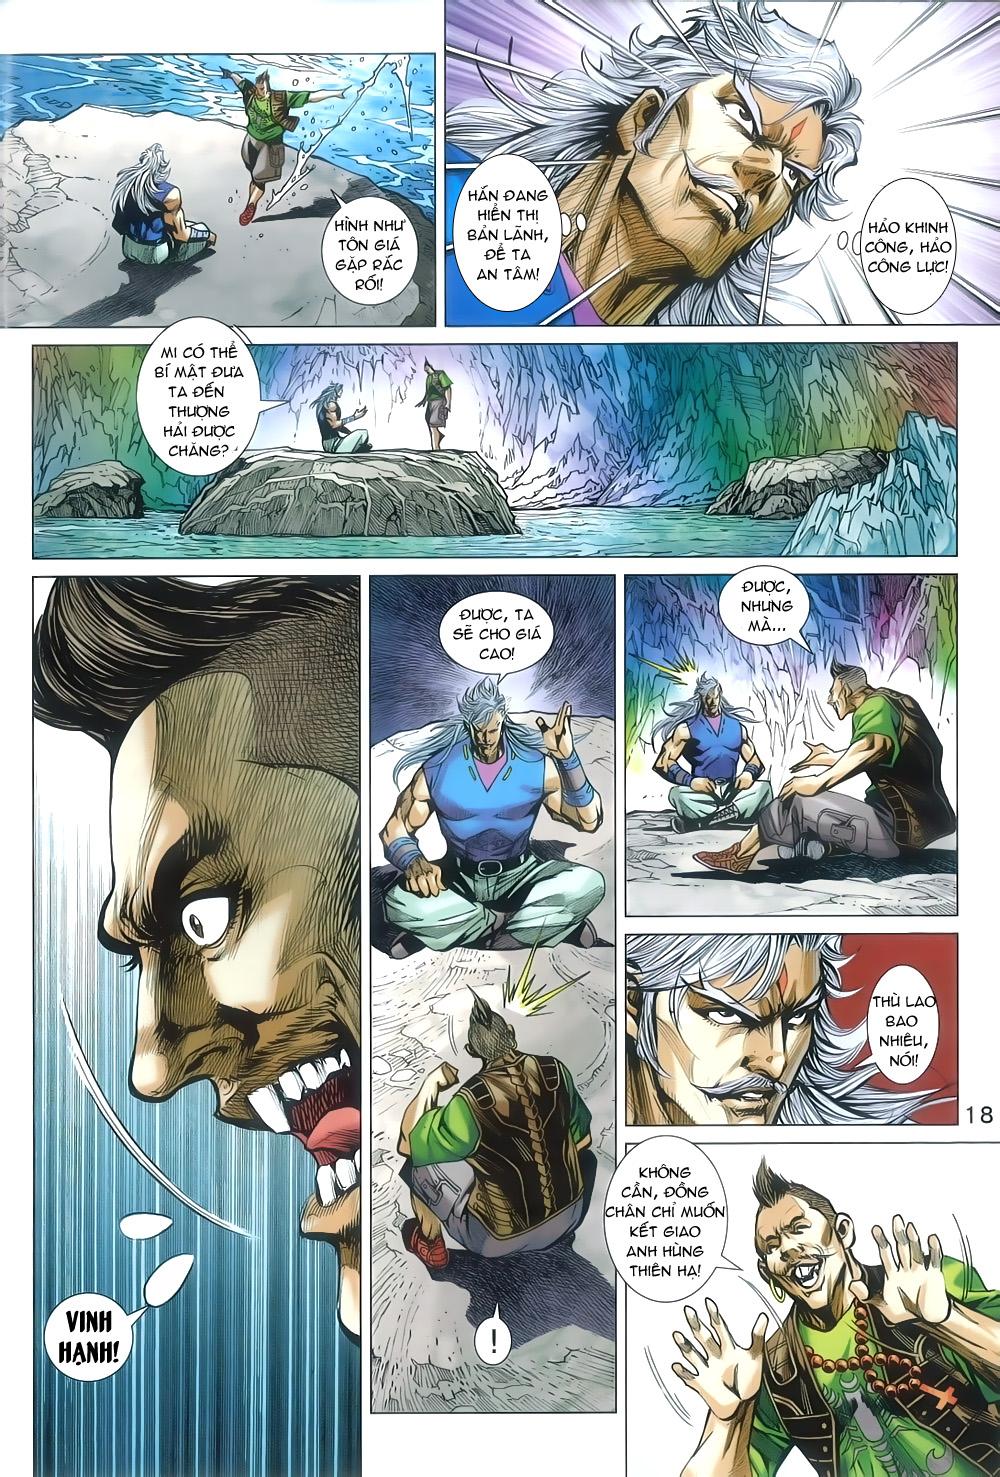 Tân Tác Long Hổ Môn chap 805 Trang 18 - Mangak.info